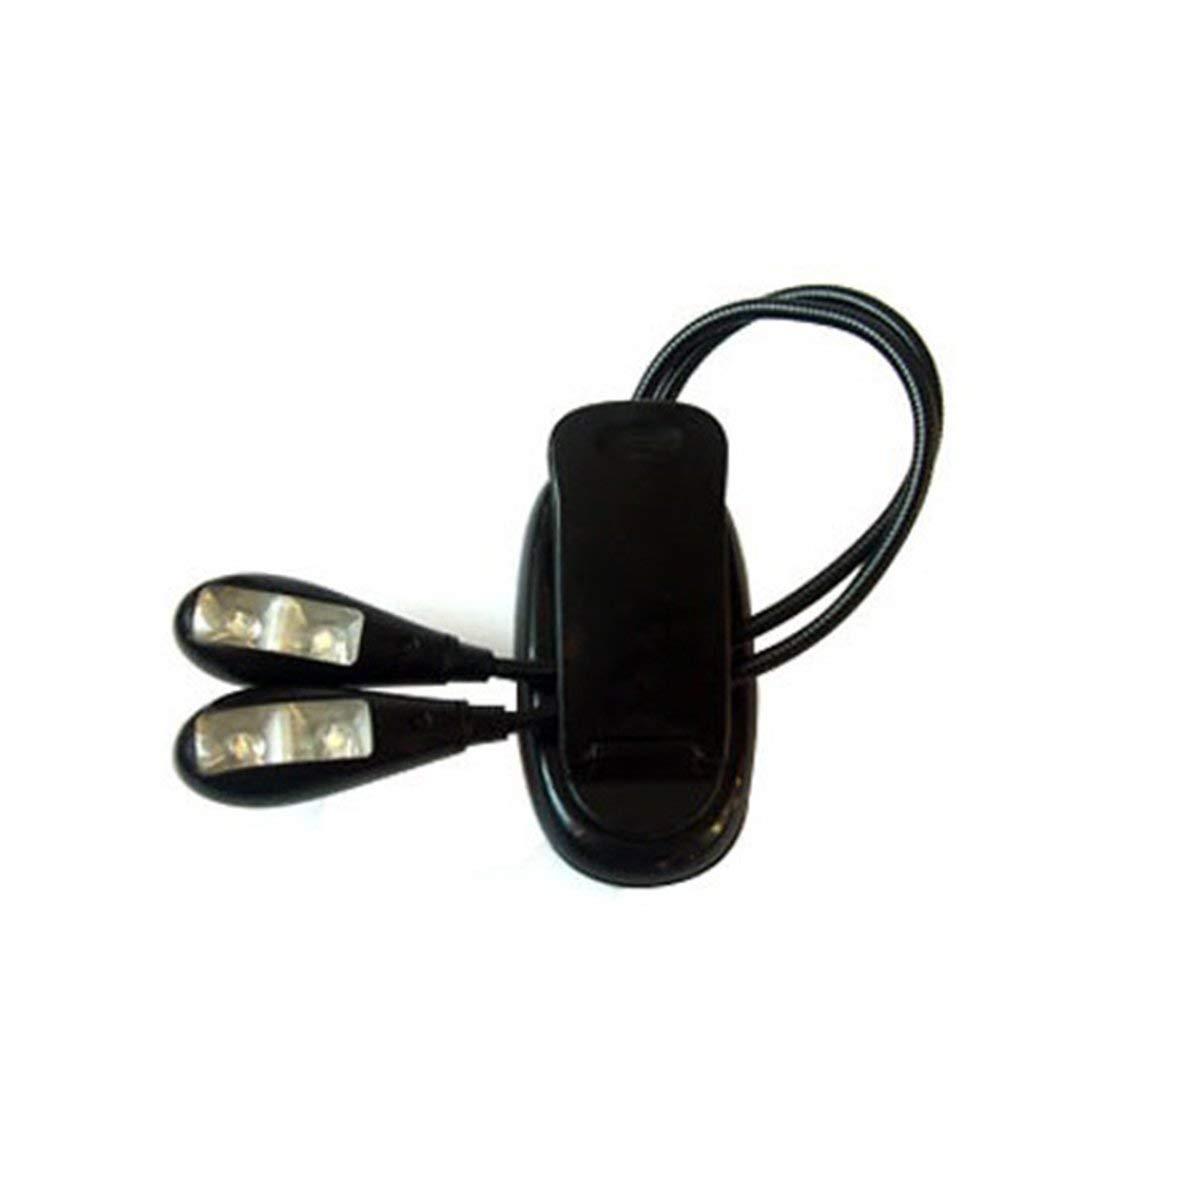 Heaviesk Pince de Lecture de Livre de Haute qualit/é de Lampe de Lecture de Livre sur la Lampe de LED